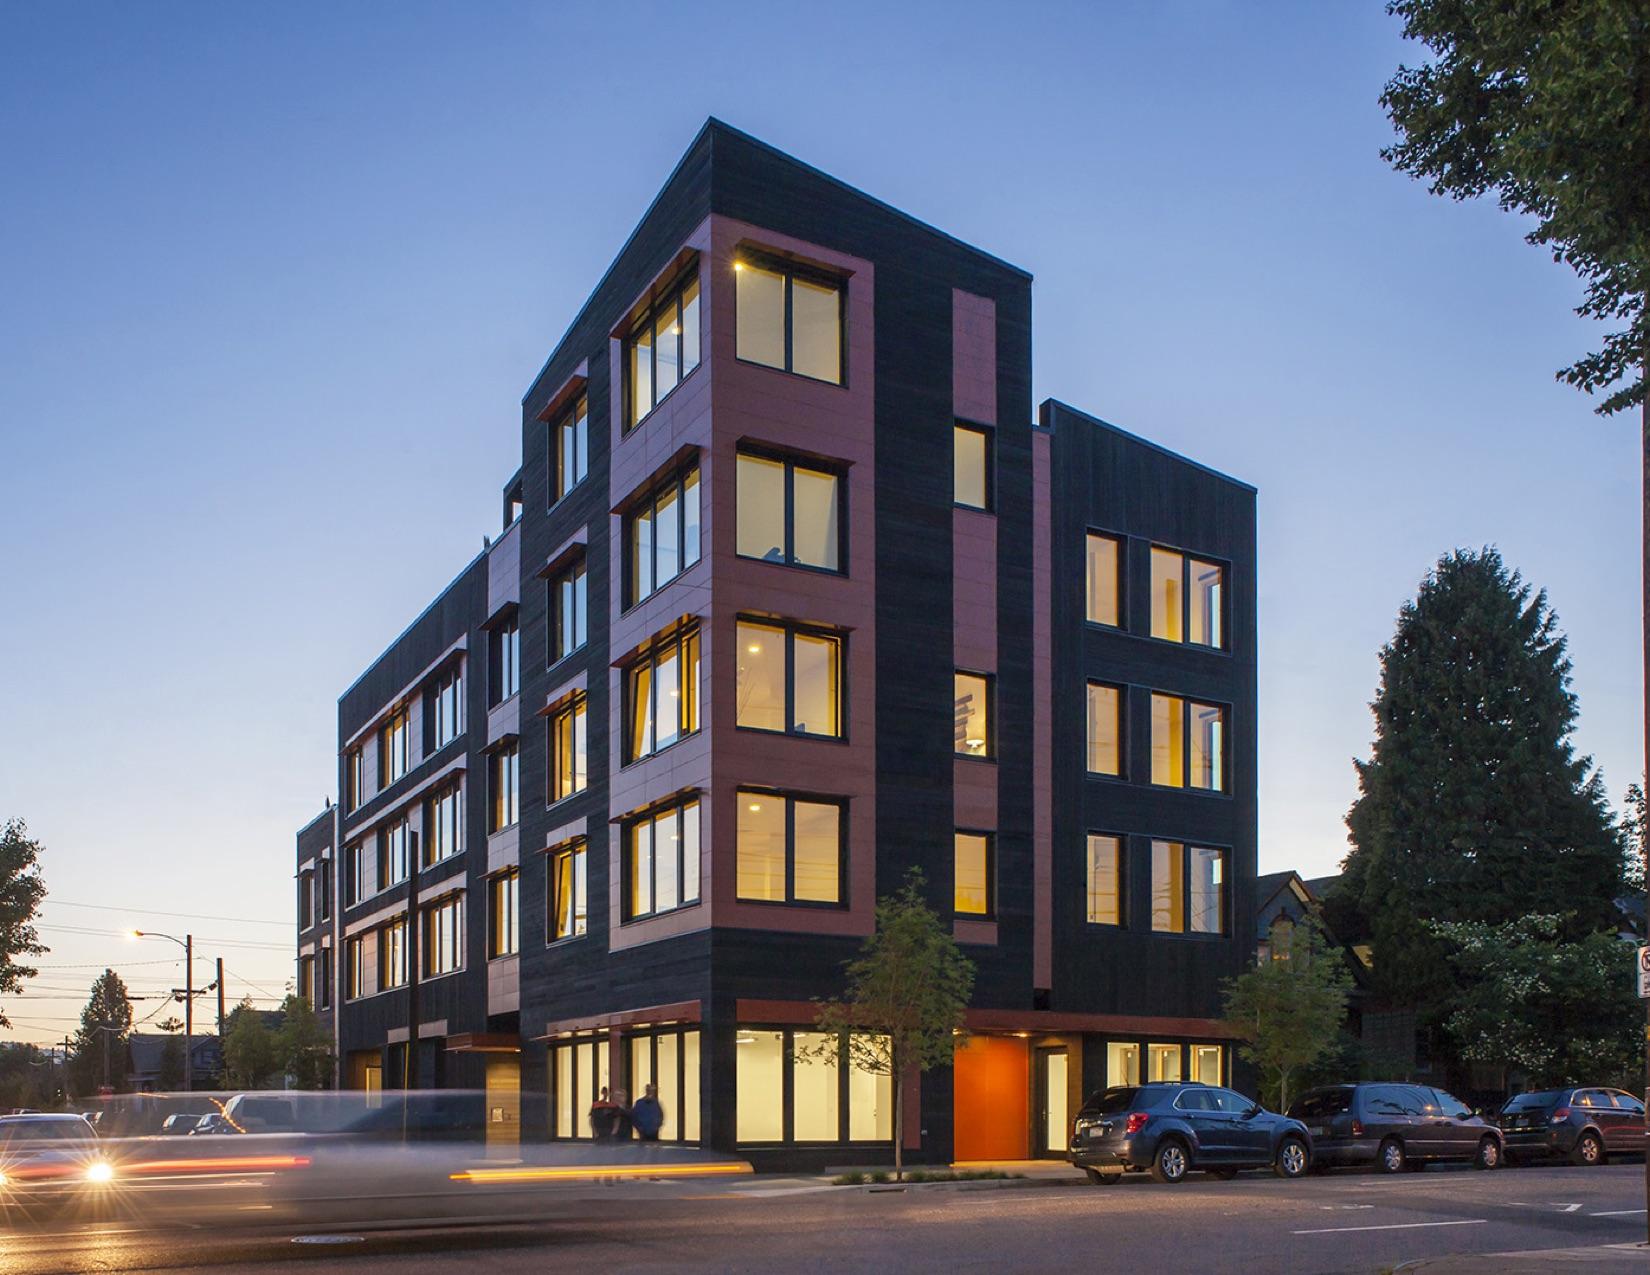 Aia Portland Announces Fifth Annual Portland Challenge Design